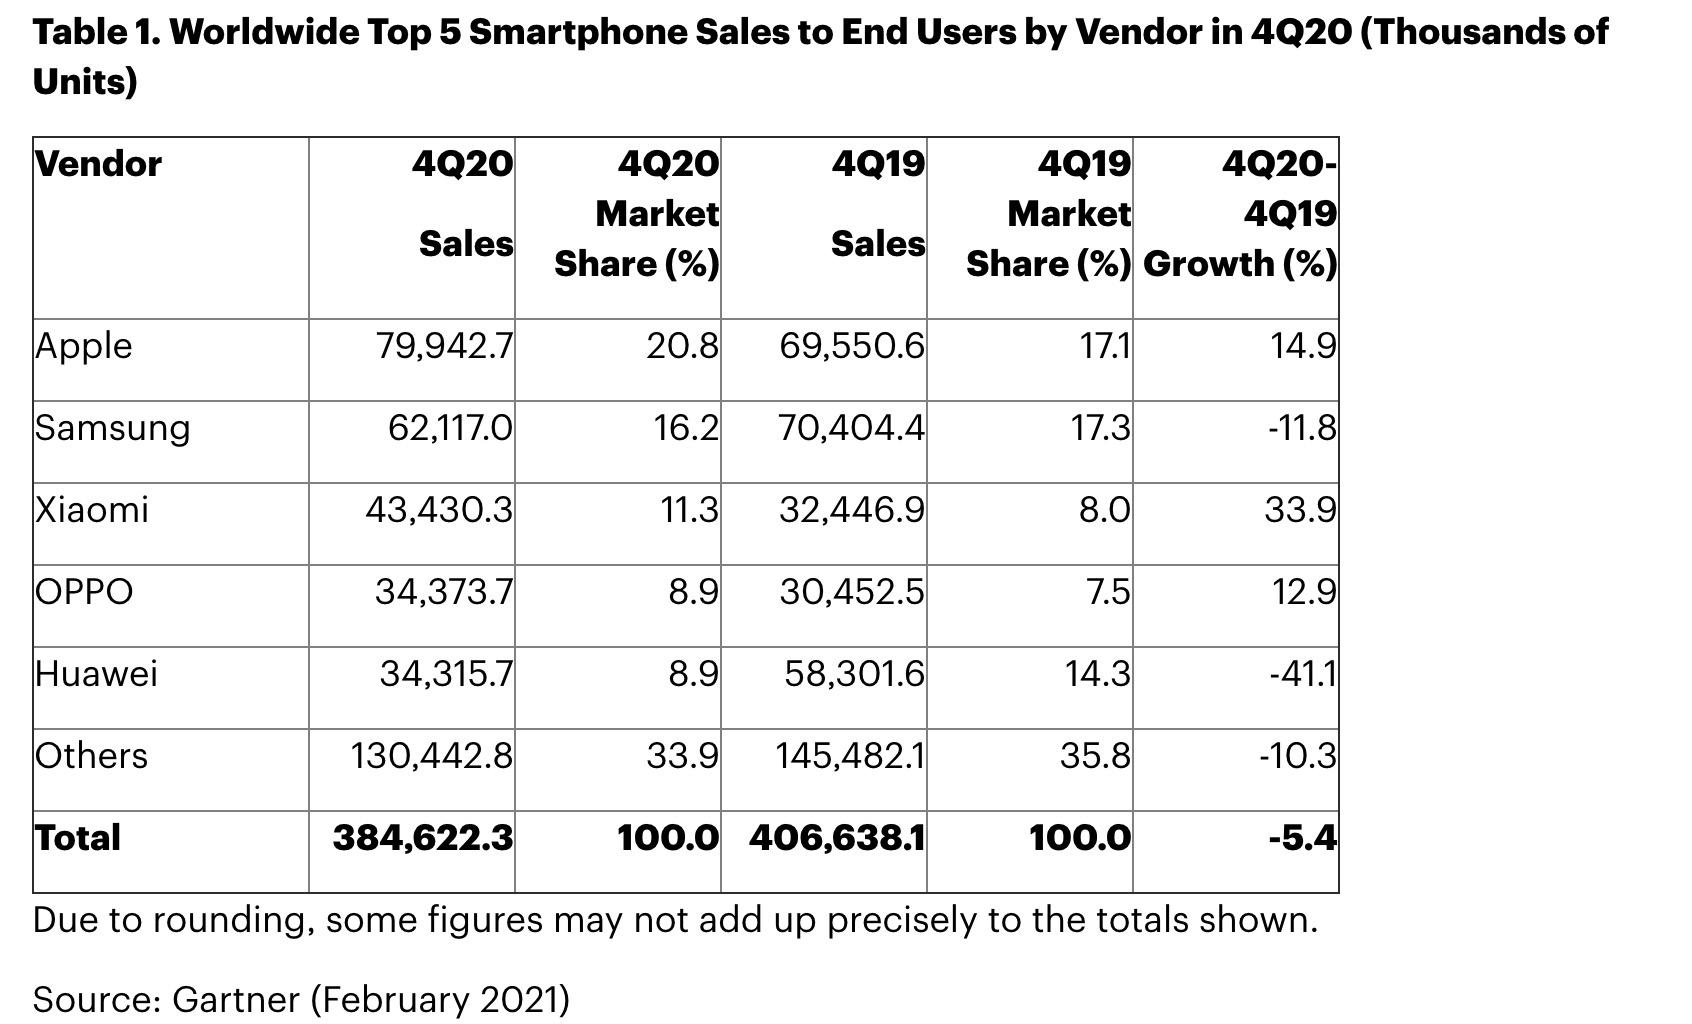 华为手机滑落到第五,苹果夺冠。市场价值预计将超过3万亿美元